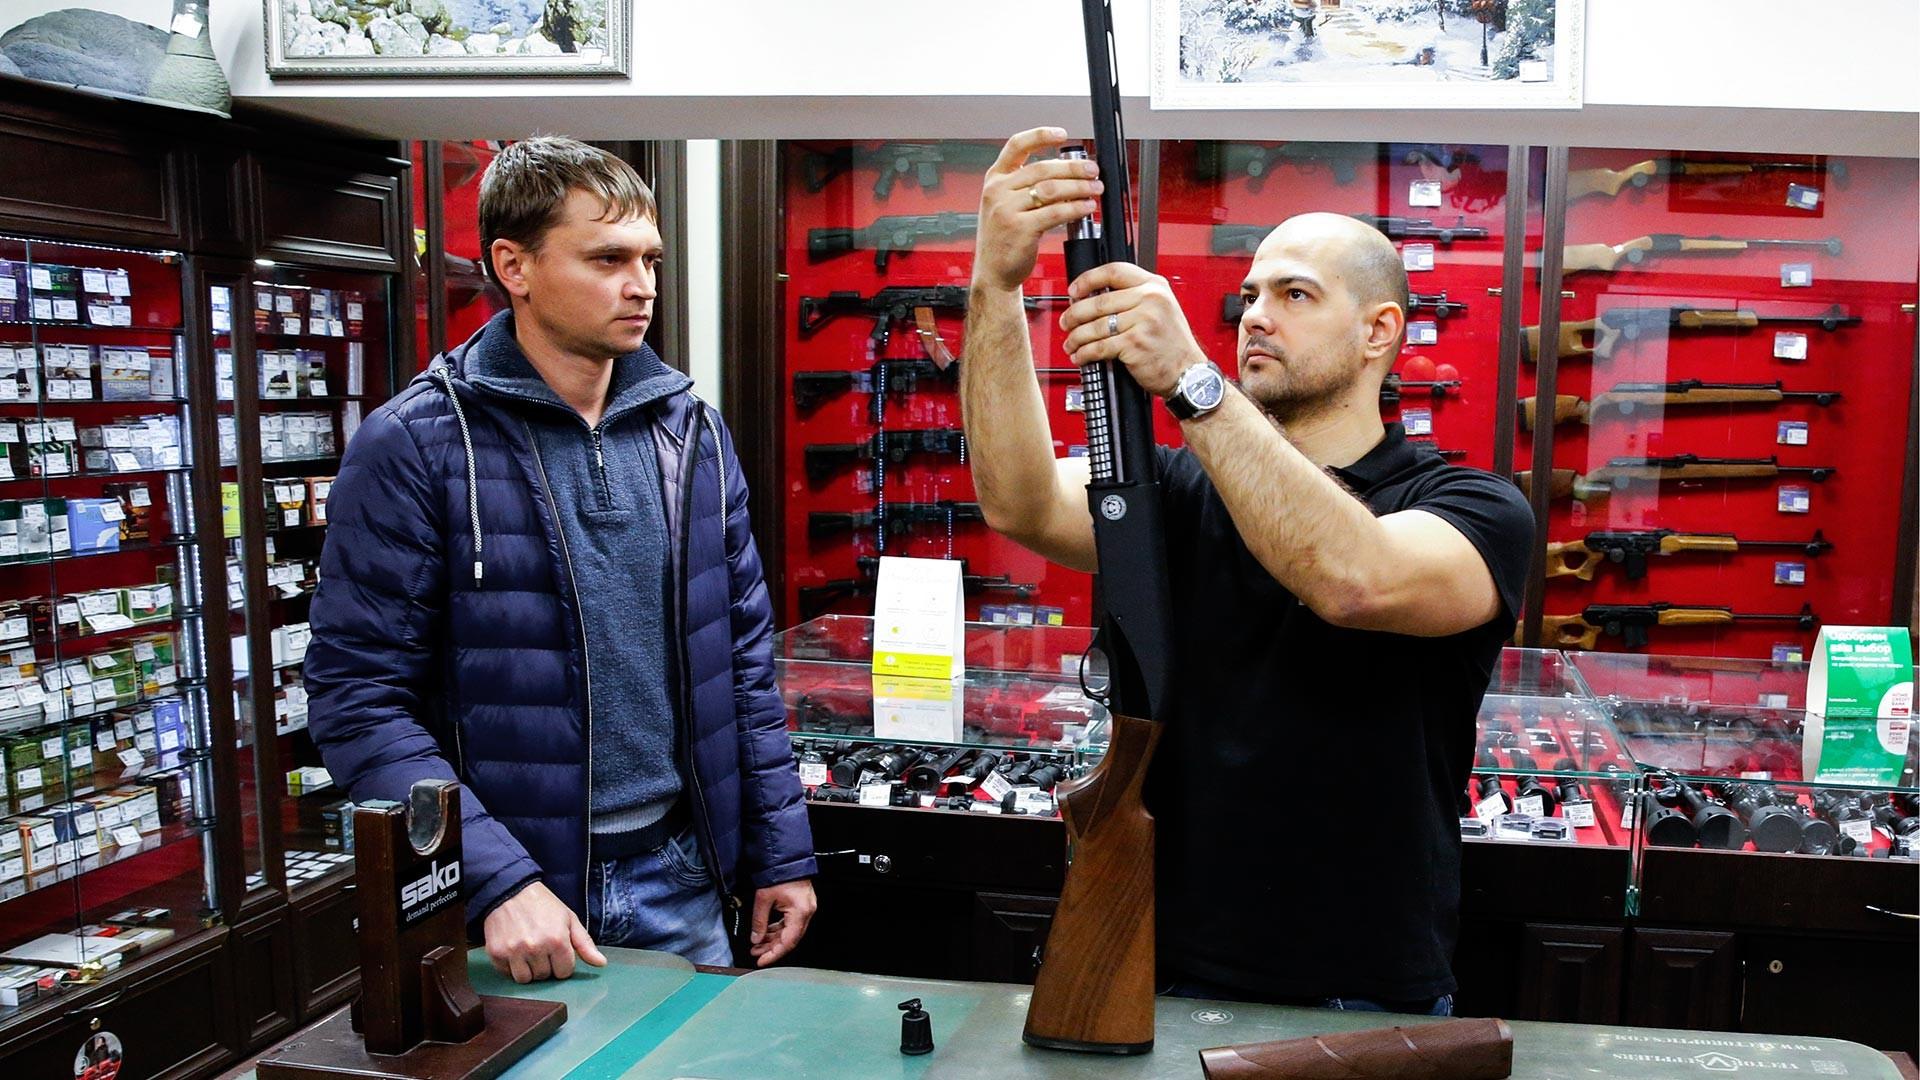 """Продавац показује полуаутоматску пушку HUGLU GX 512 у продавници оружја """"Тайгер""""."""